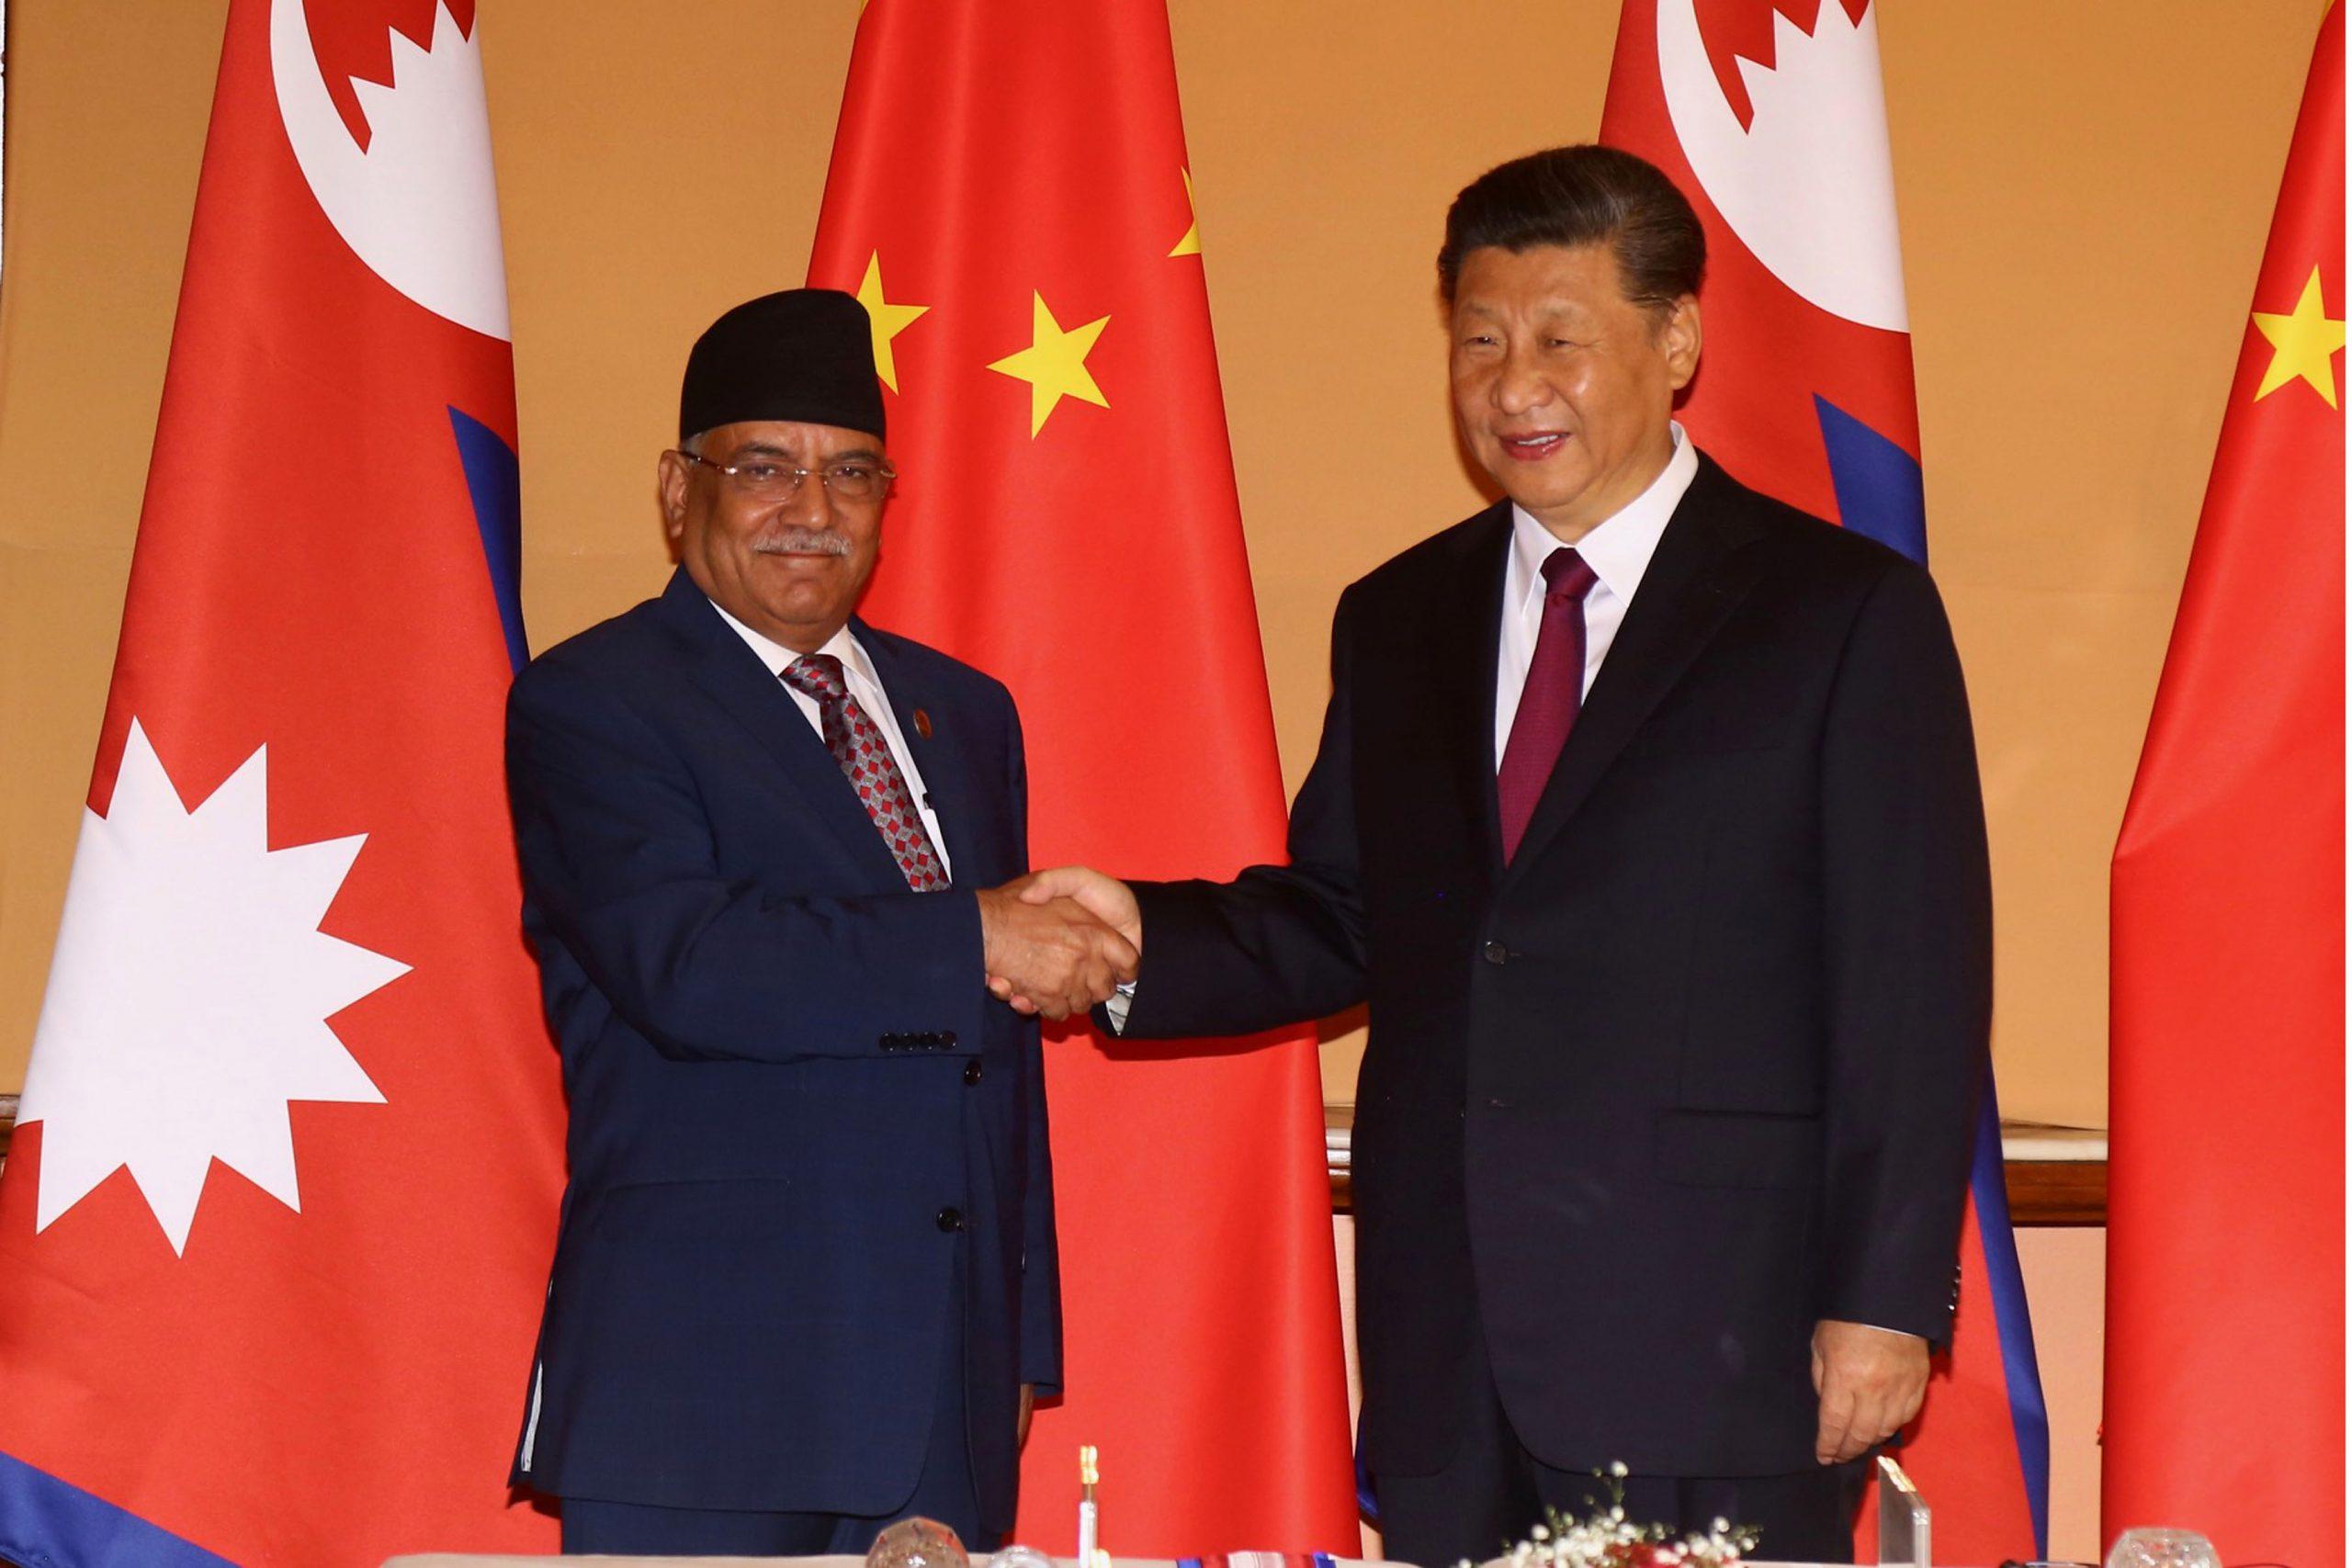 कोरोना की आड़ में भारत को चौतरफा घेरने की फिराक में चीन, नेपाल-पाकिस्तान को बनाया अपना मोहरा